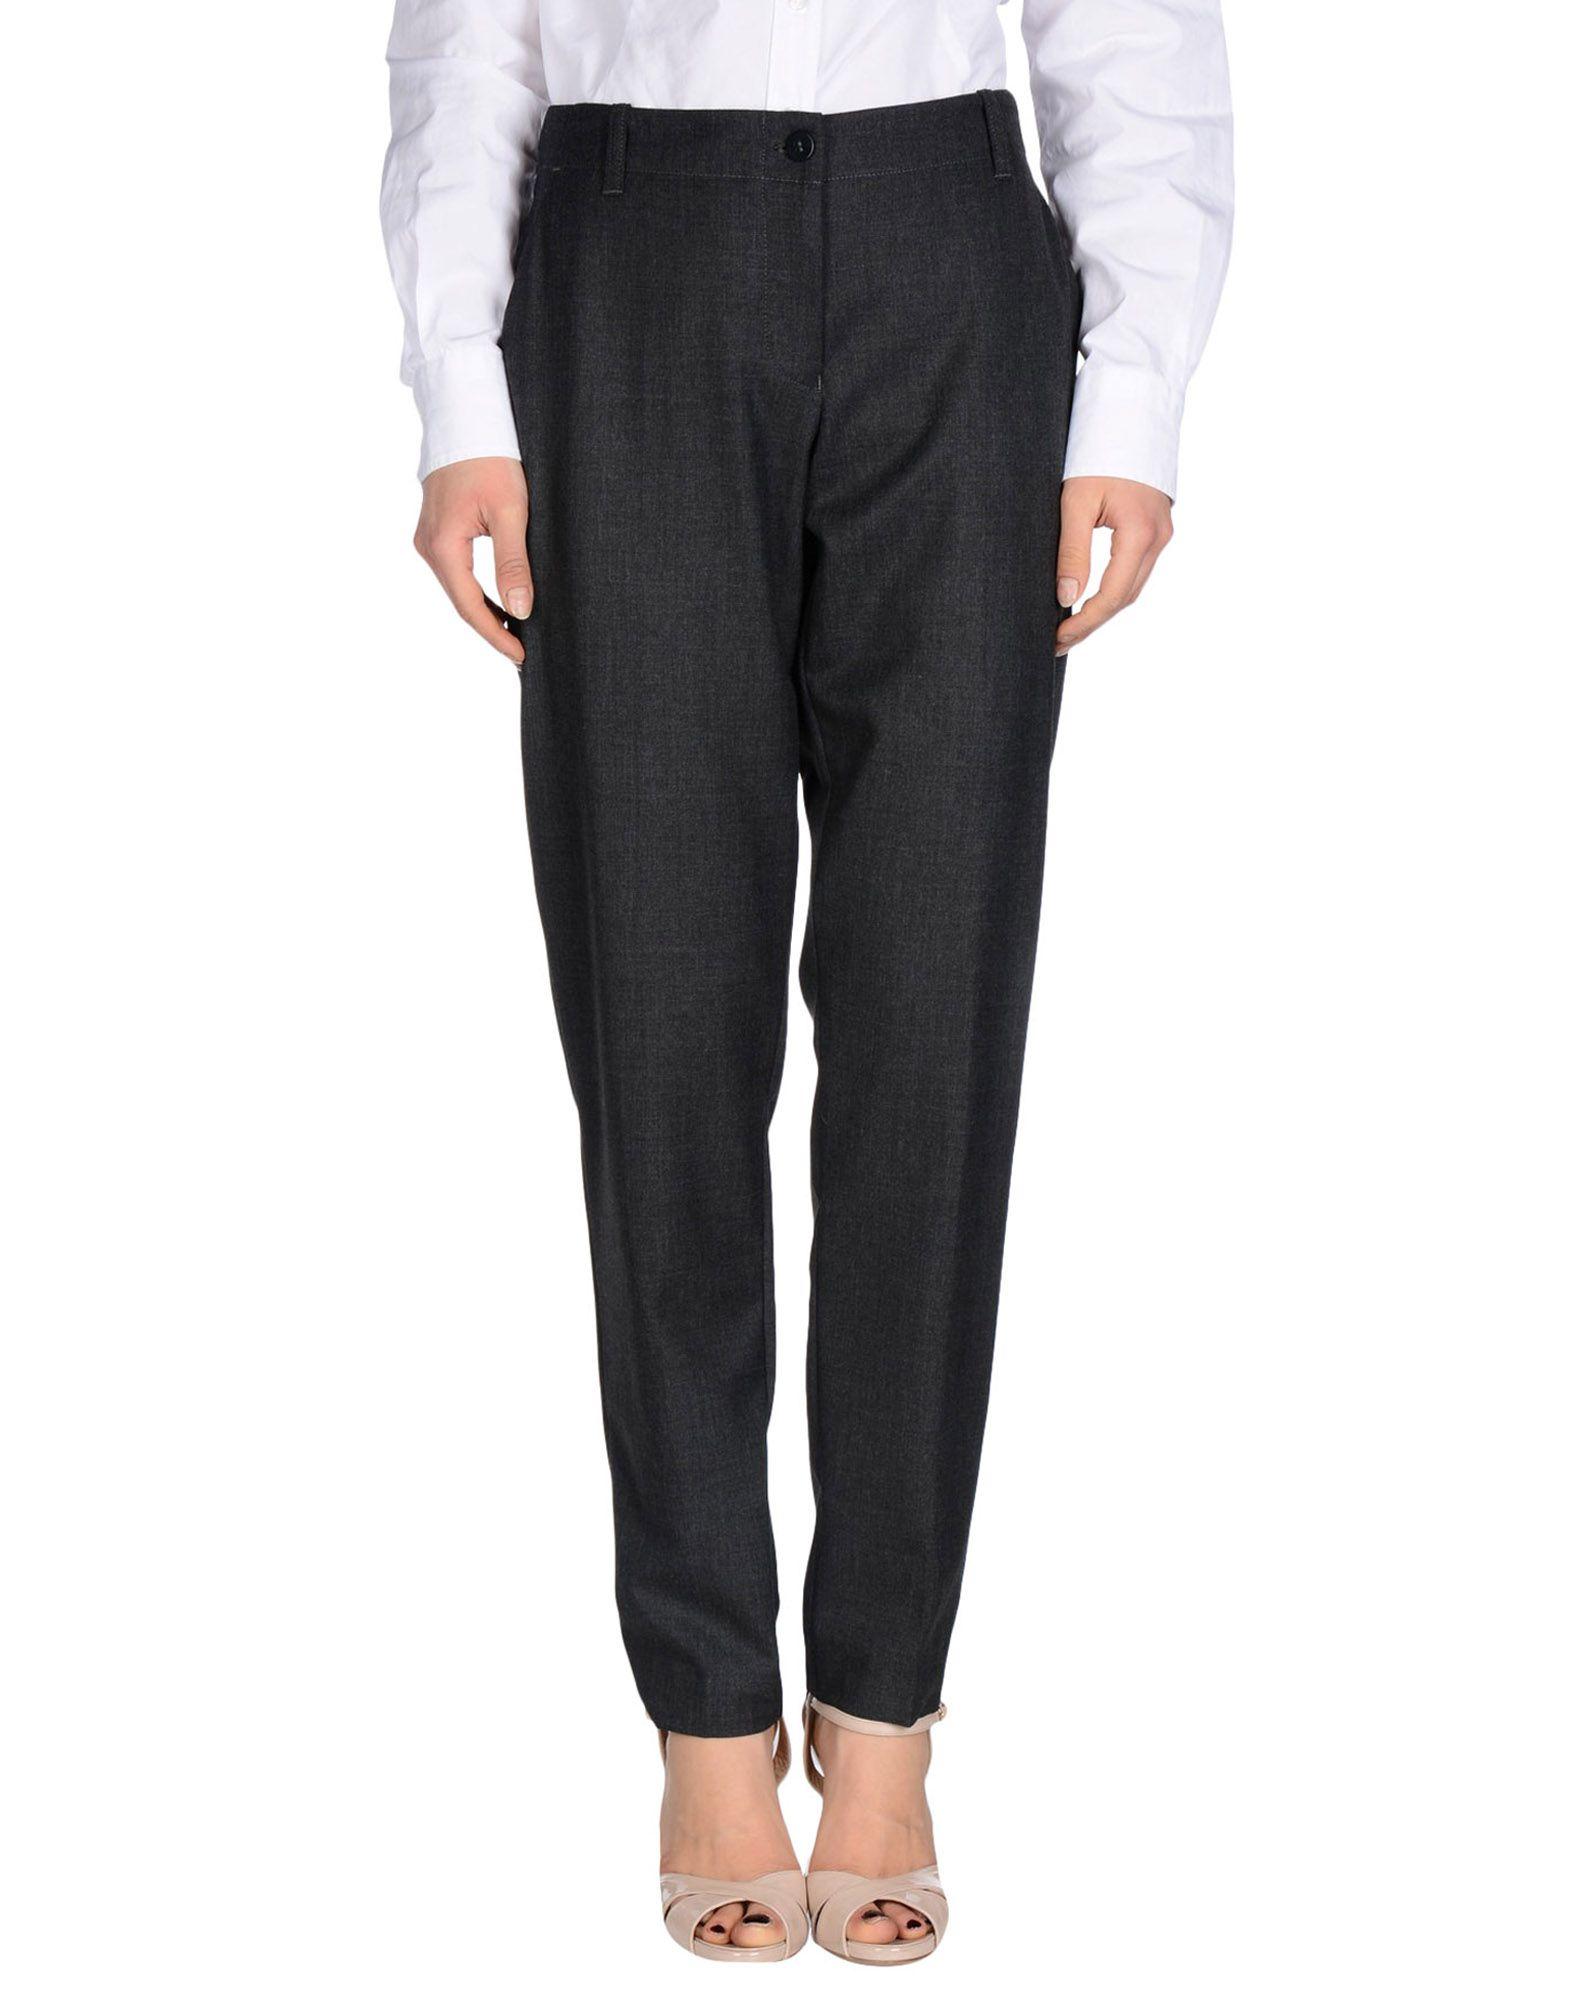 Pantalone Armani Jeans Donna - Acquista online su 99S7h1GCca